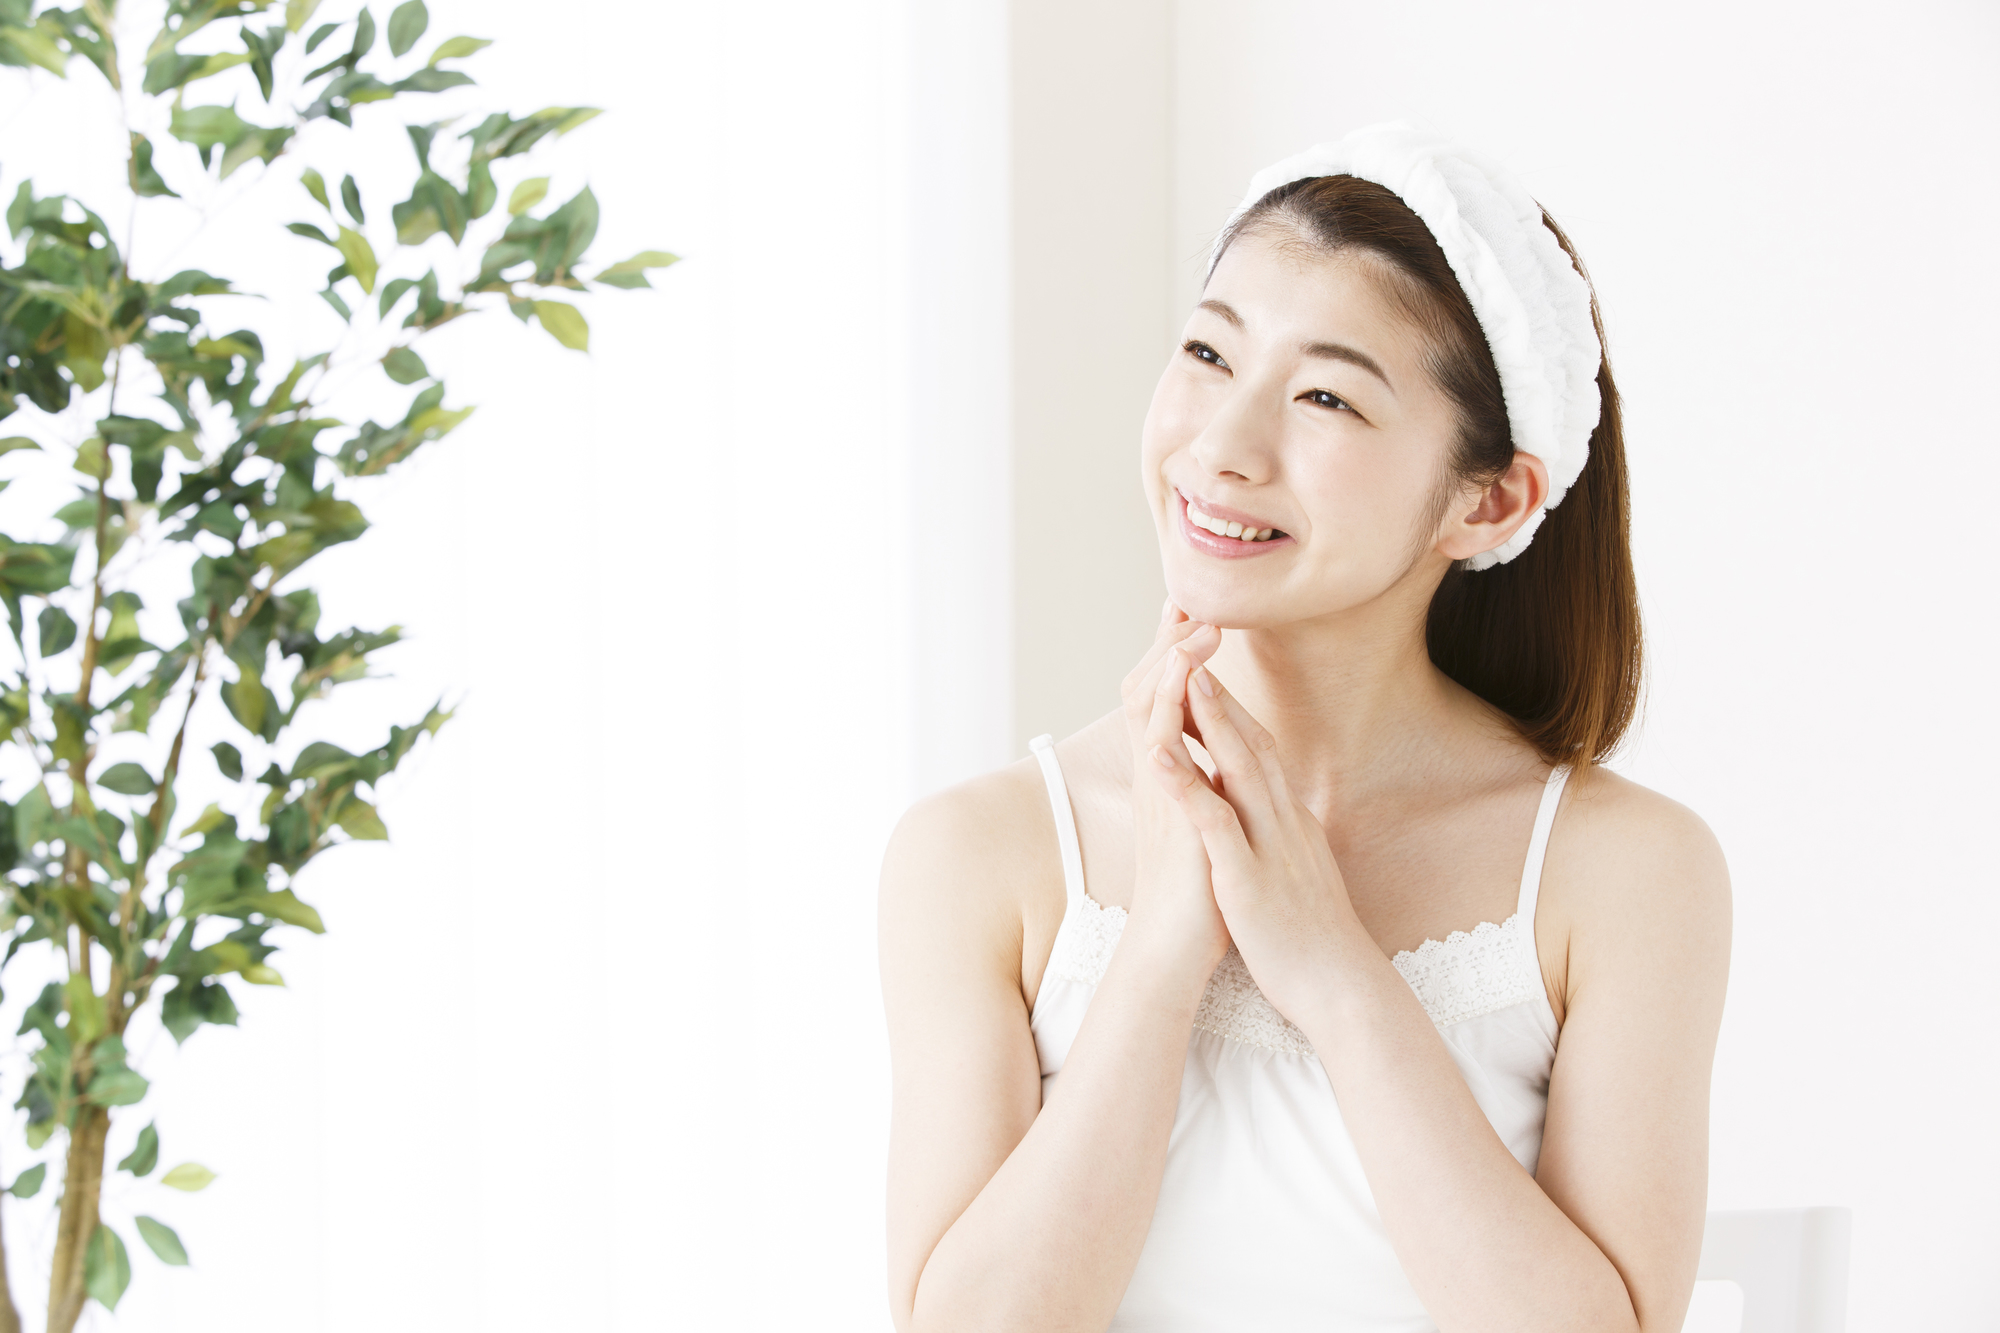 湯シャンによる女性の薄毛への効果と注意点